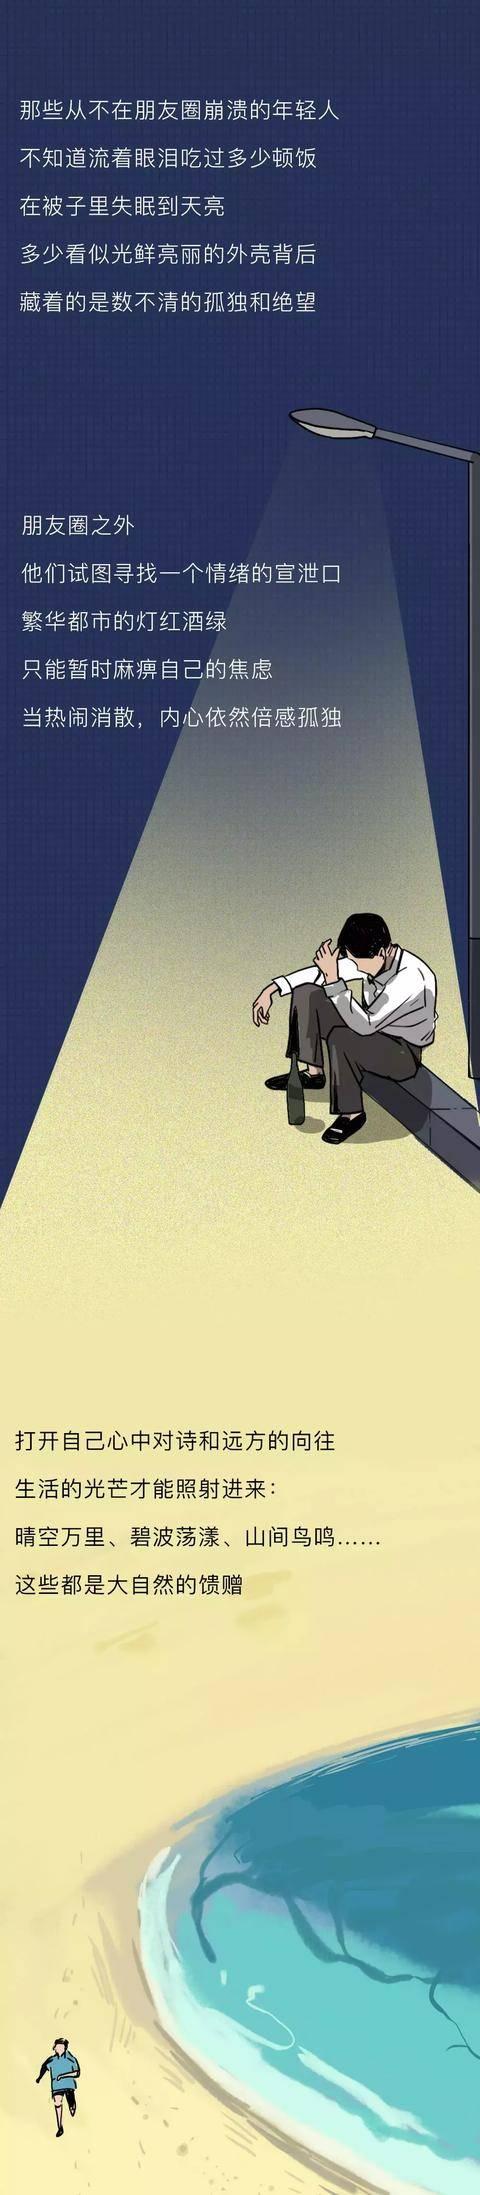 成人漫画悄进中国动漫市场 漫画分级势在必行